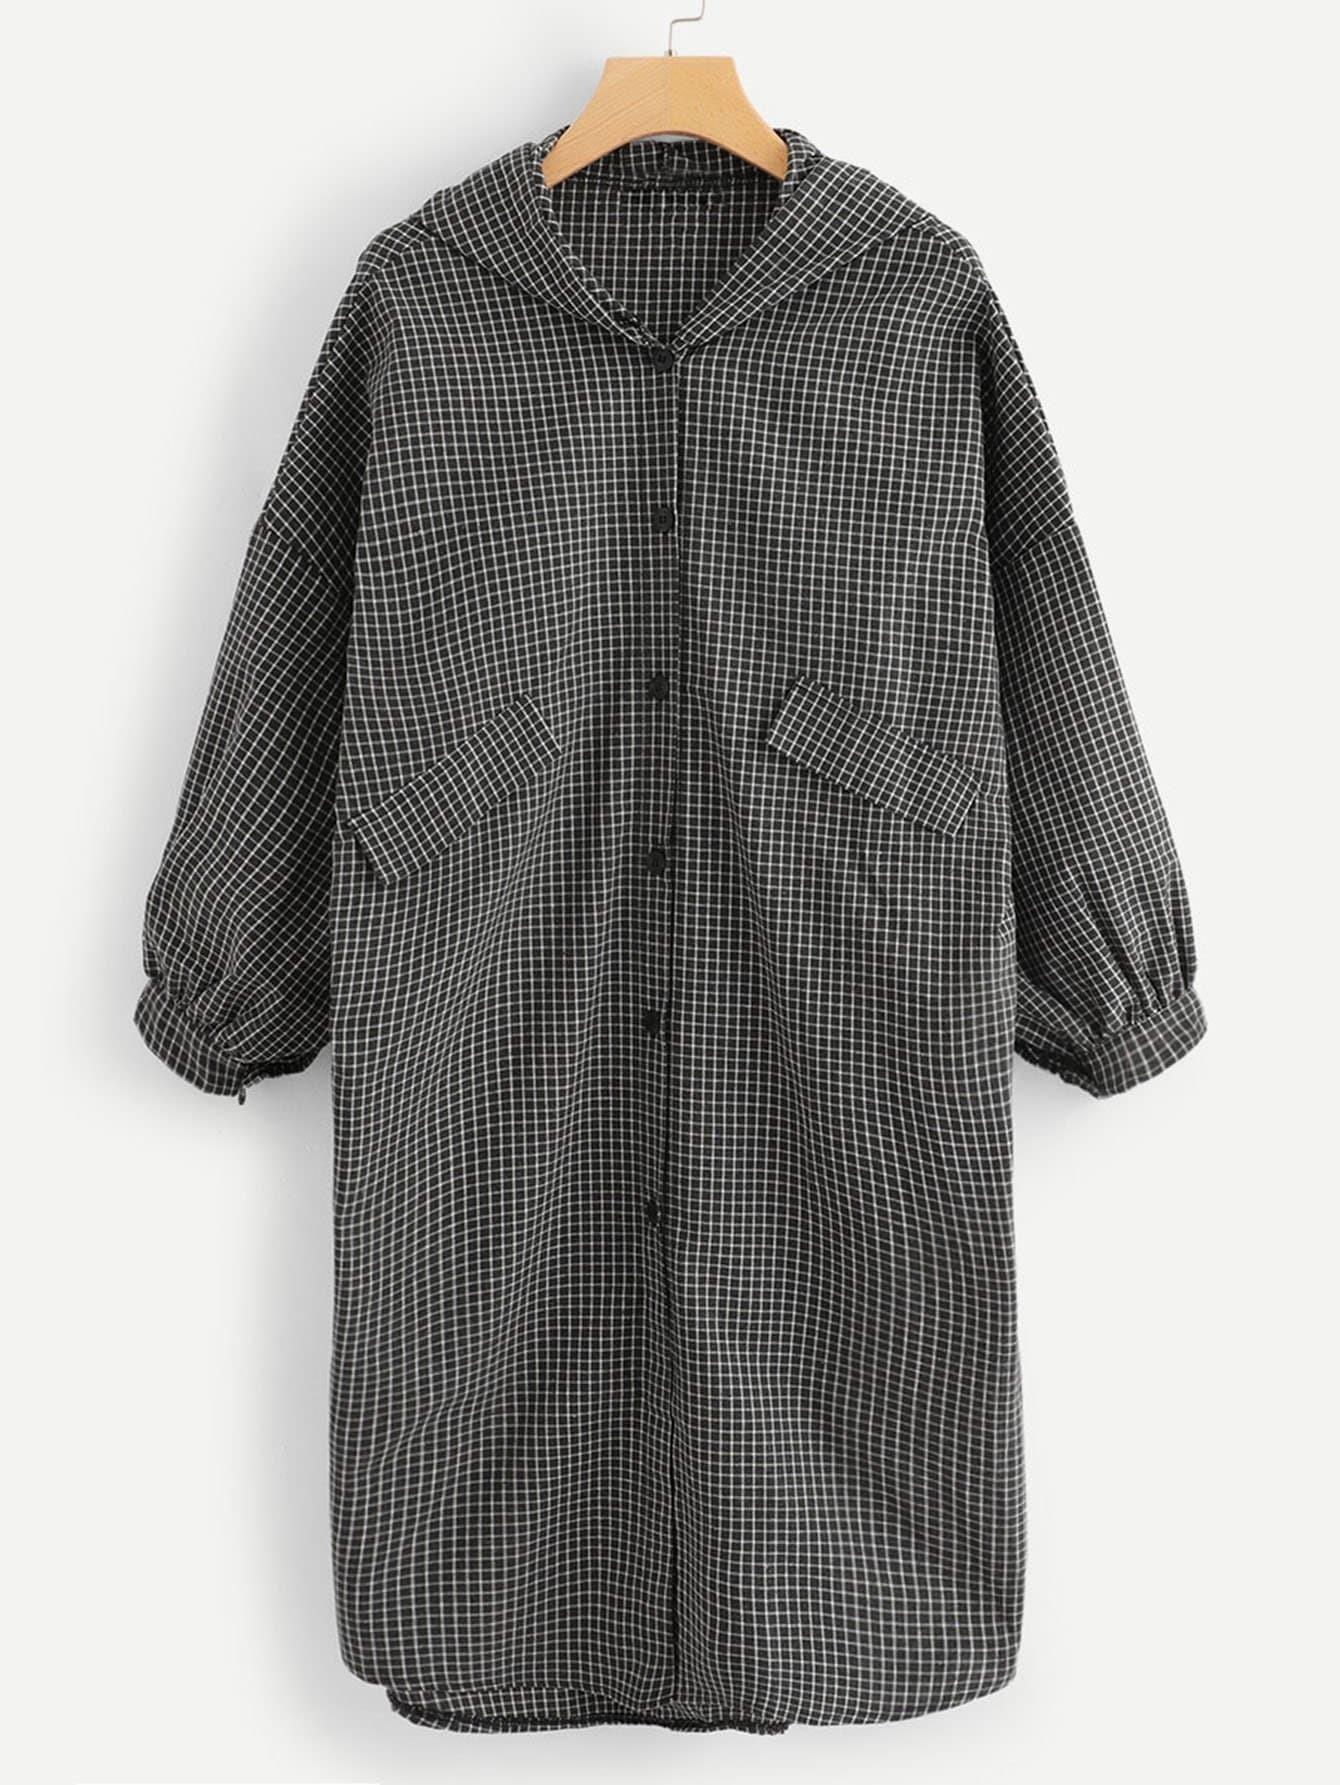 Mantel mit sehr tief angesetzter Schulterpartie und Laternenhülse